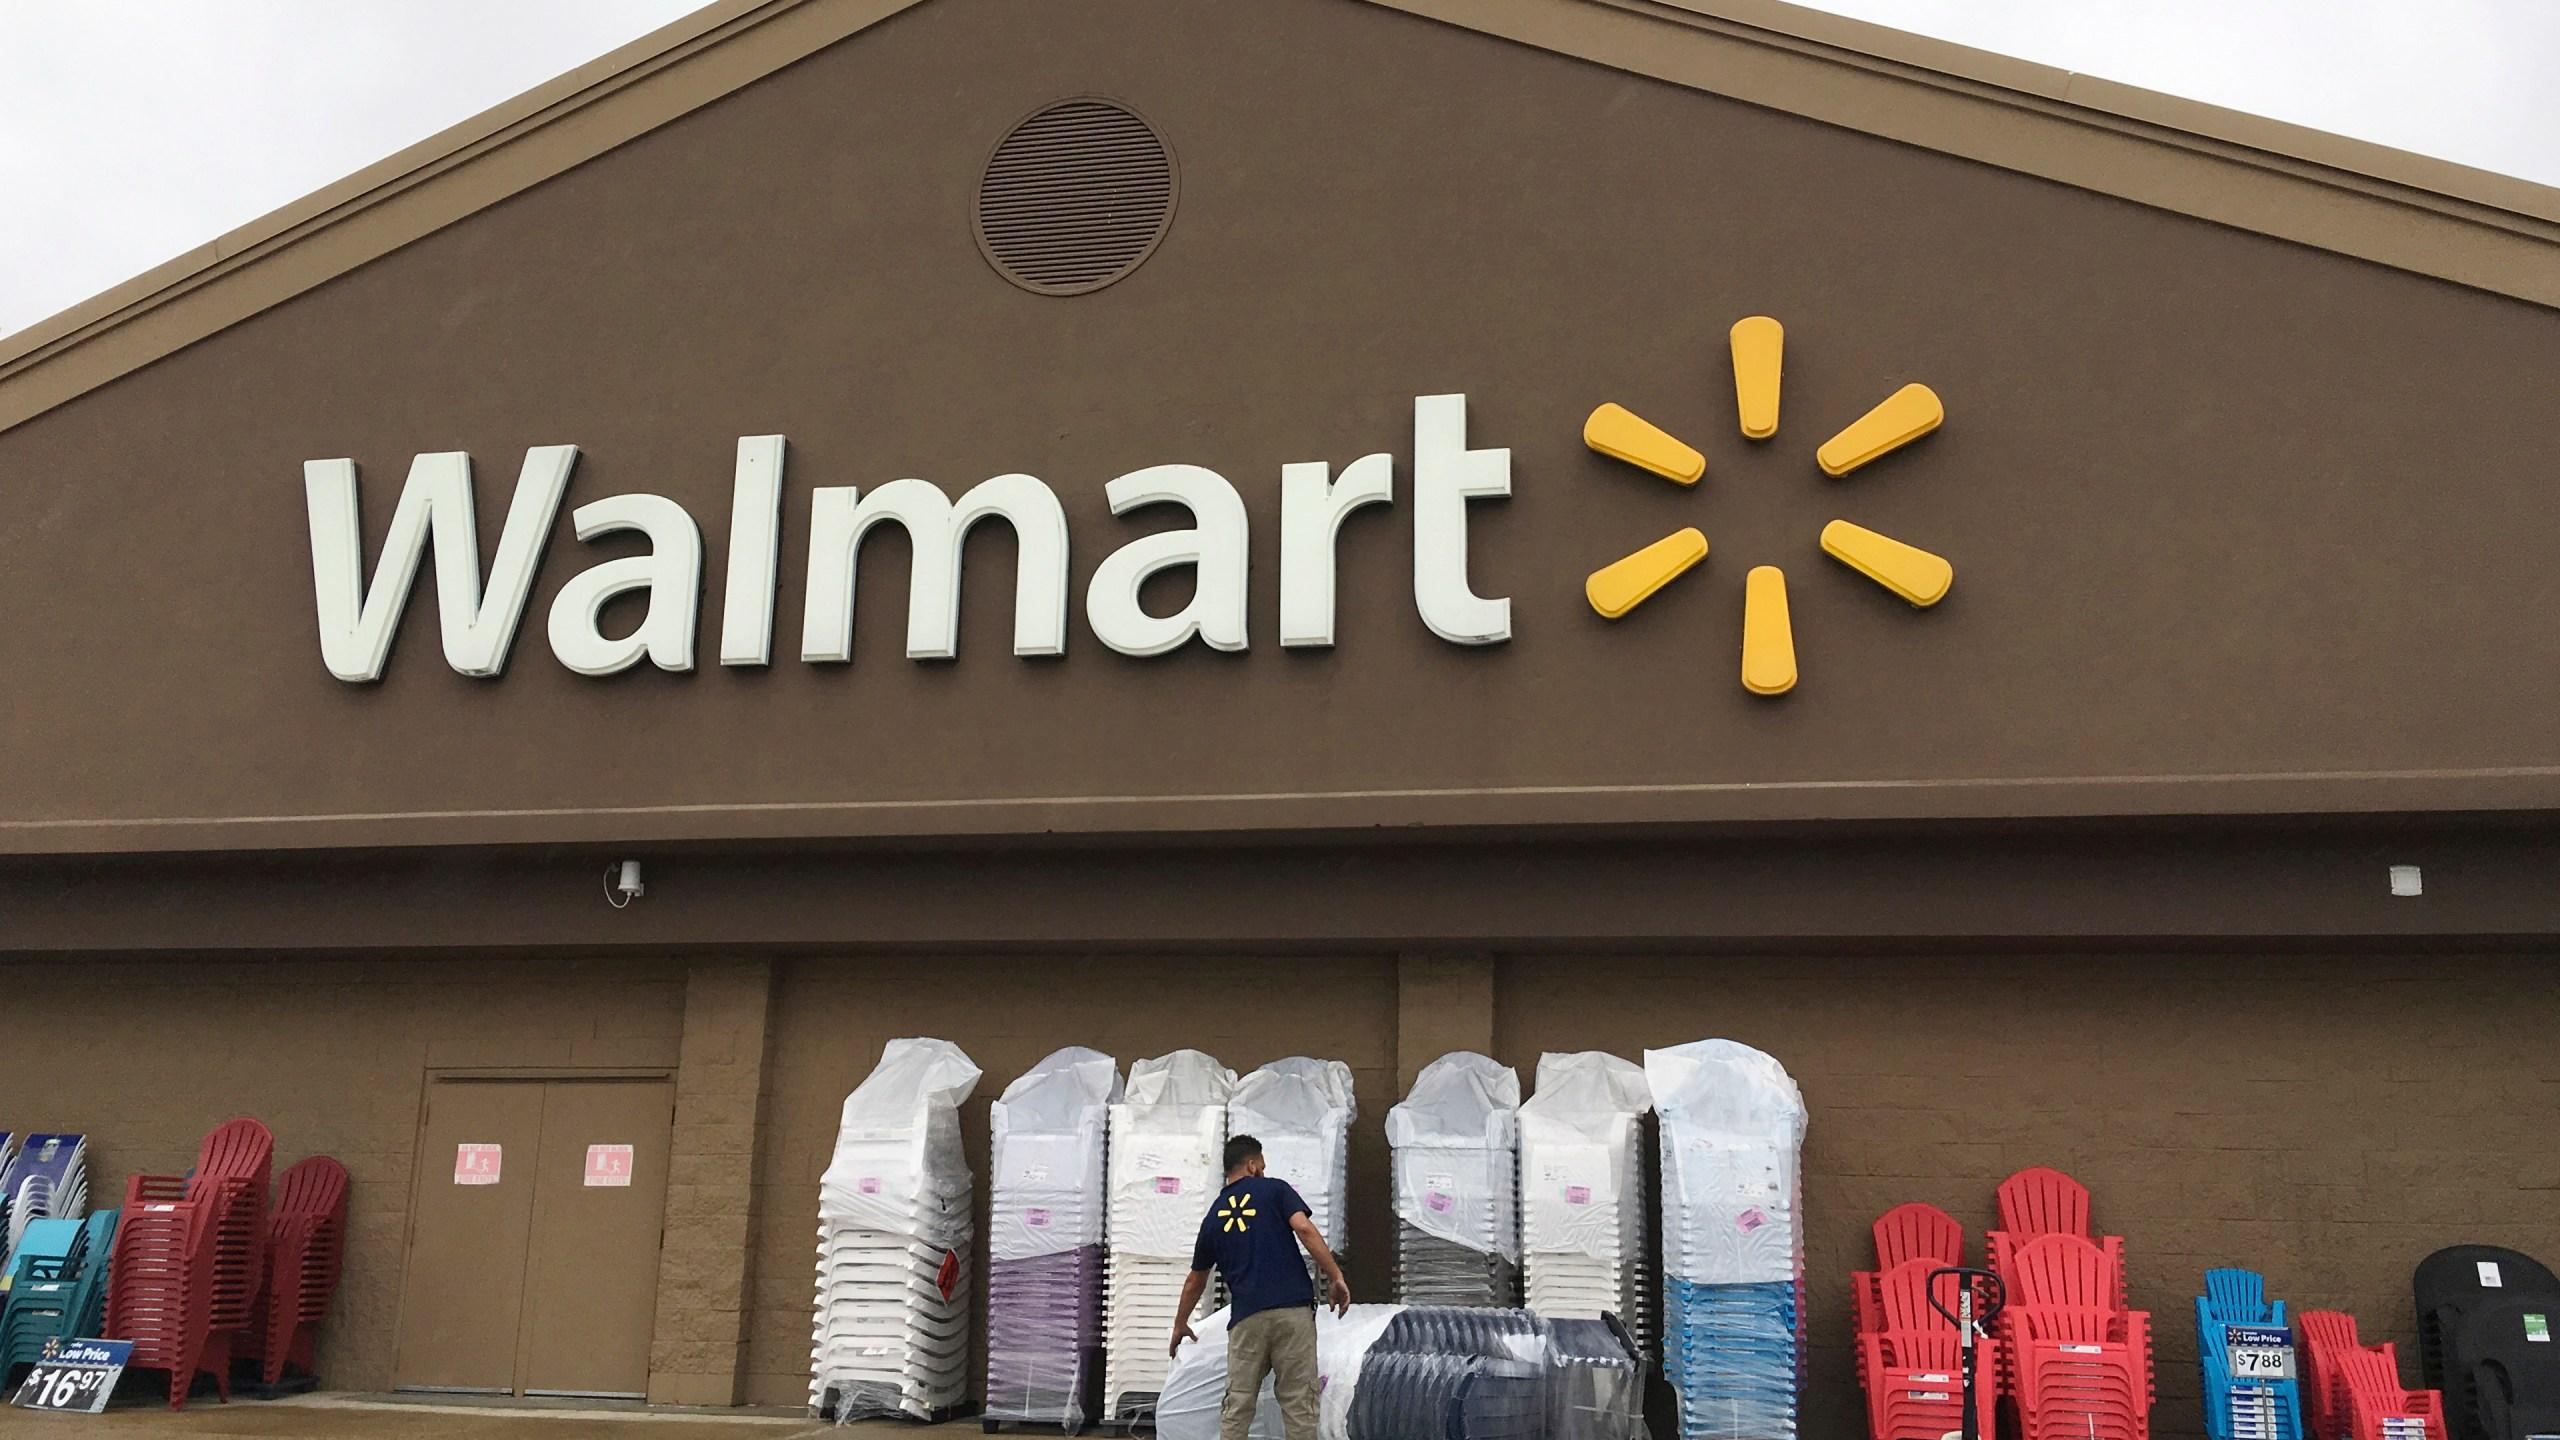 Walmart_Wages_52627-159532.jpg15230623